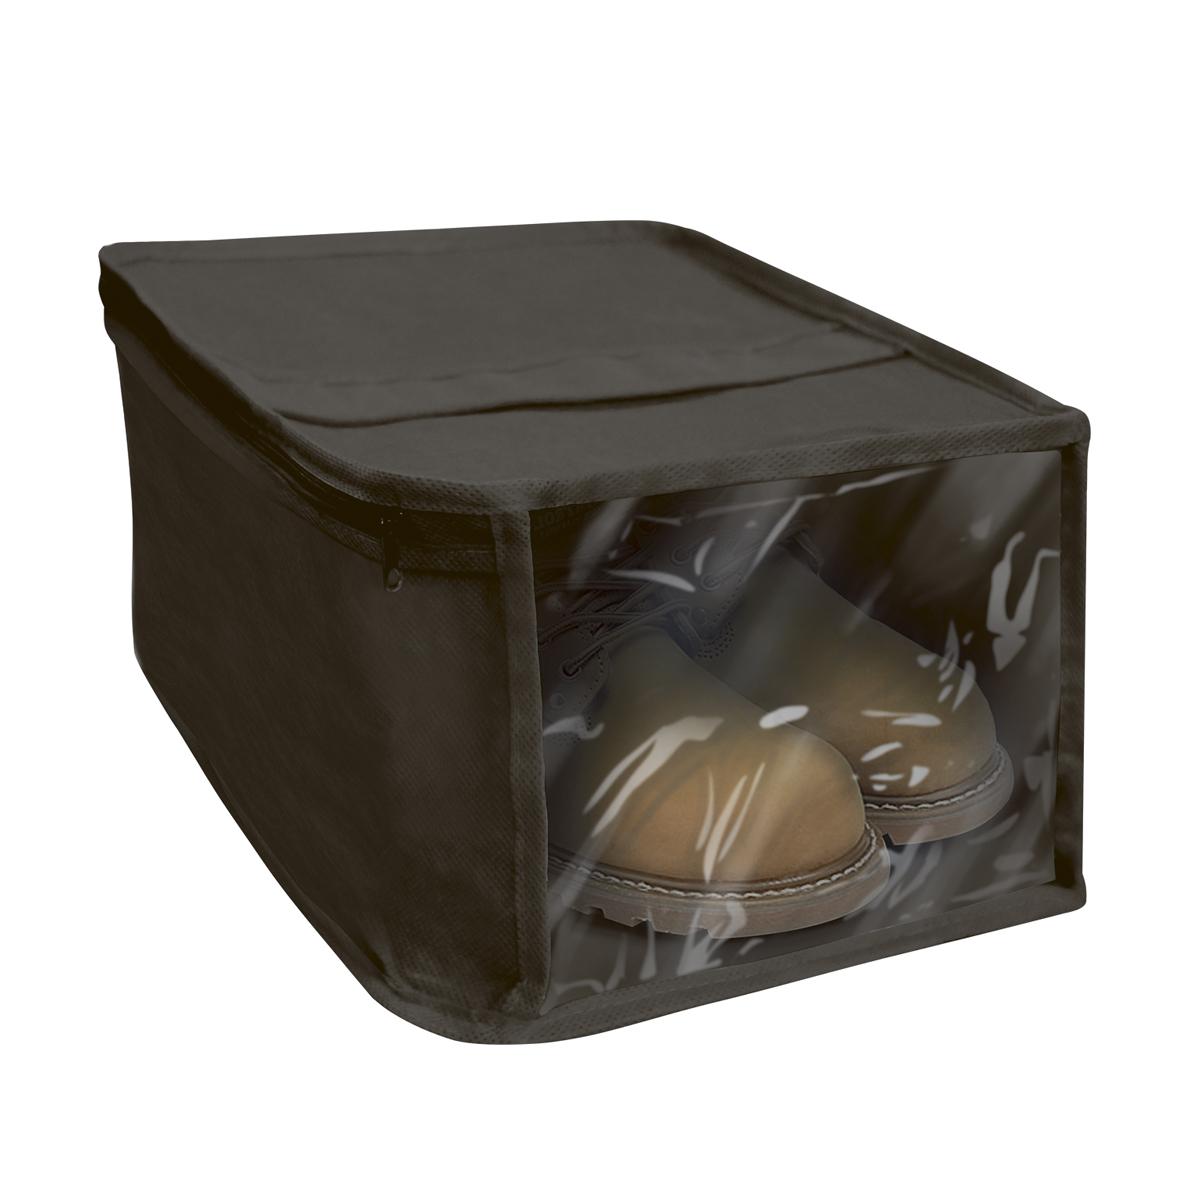 Чехол для хранения обуви Miolla, с окошком, цвет: черный, 30 х 25 х 15 смБрелок для ключейЧехол для хранения обуви Miolla на застежке-молнии выполнен из высококачественного нетканого материала. Прозрачное полиэтиленовое окошко позволяет видеть содержимое чехла. Подходит для длительного хранения вещей.Чехол обеспечивает вашей обуви надежную защиту от влажности, повреждений и грязи при транспортировке, от запыления при хранении и проникновения моли. Чехол обладает водоотталкивающими свойствами, а также позволяет воздуху свободно поступать внутрь вещей, обеспечивая их кондиционирование.